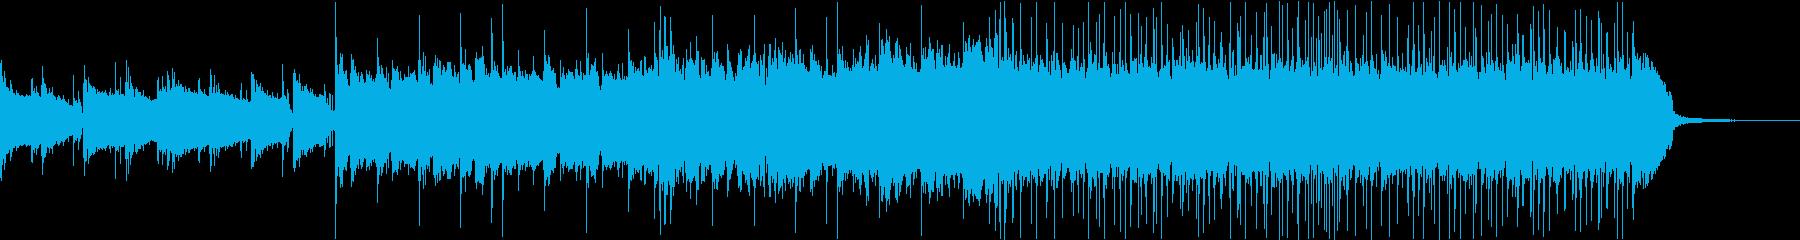 戦国時代・三味線・尺八のヘビー和風ロッの再生済みの波形